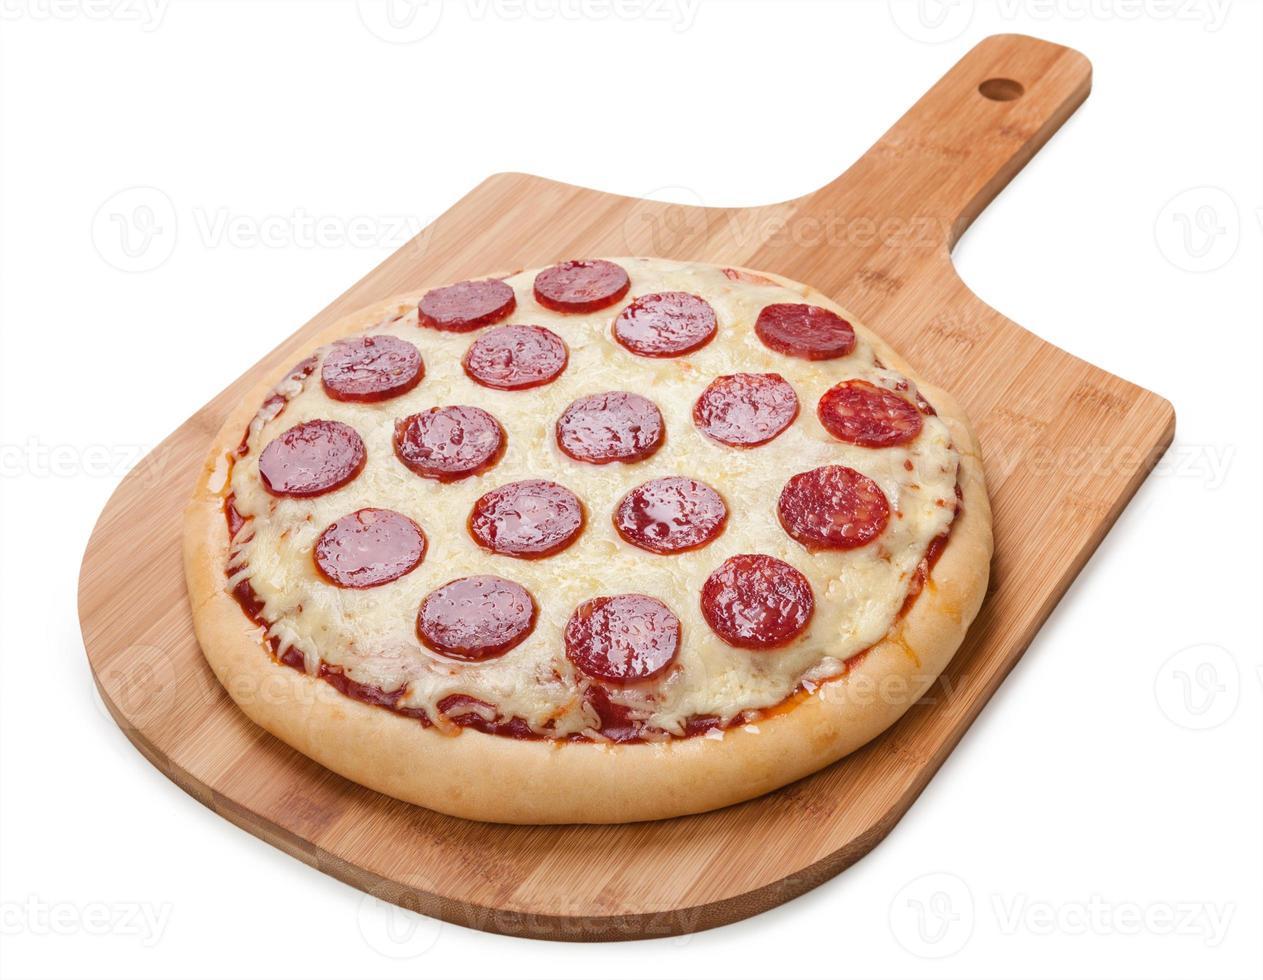 verse smaakvolle pepperoni pizza geïsoleerd op een witte achtergrond foto